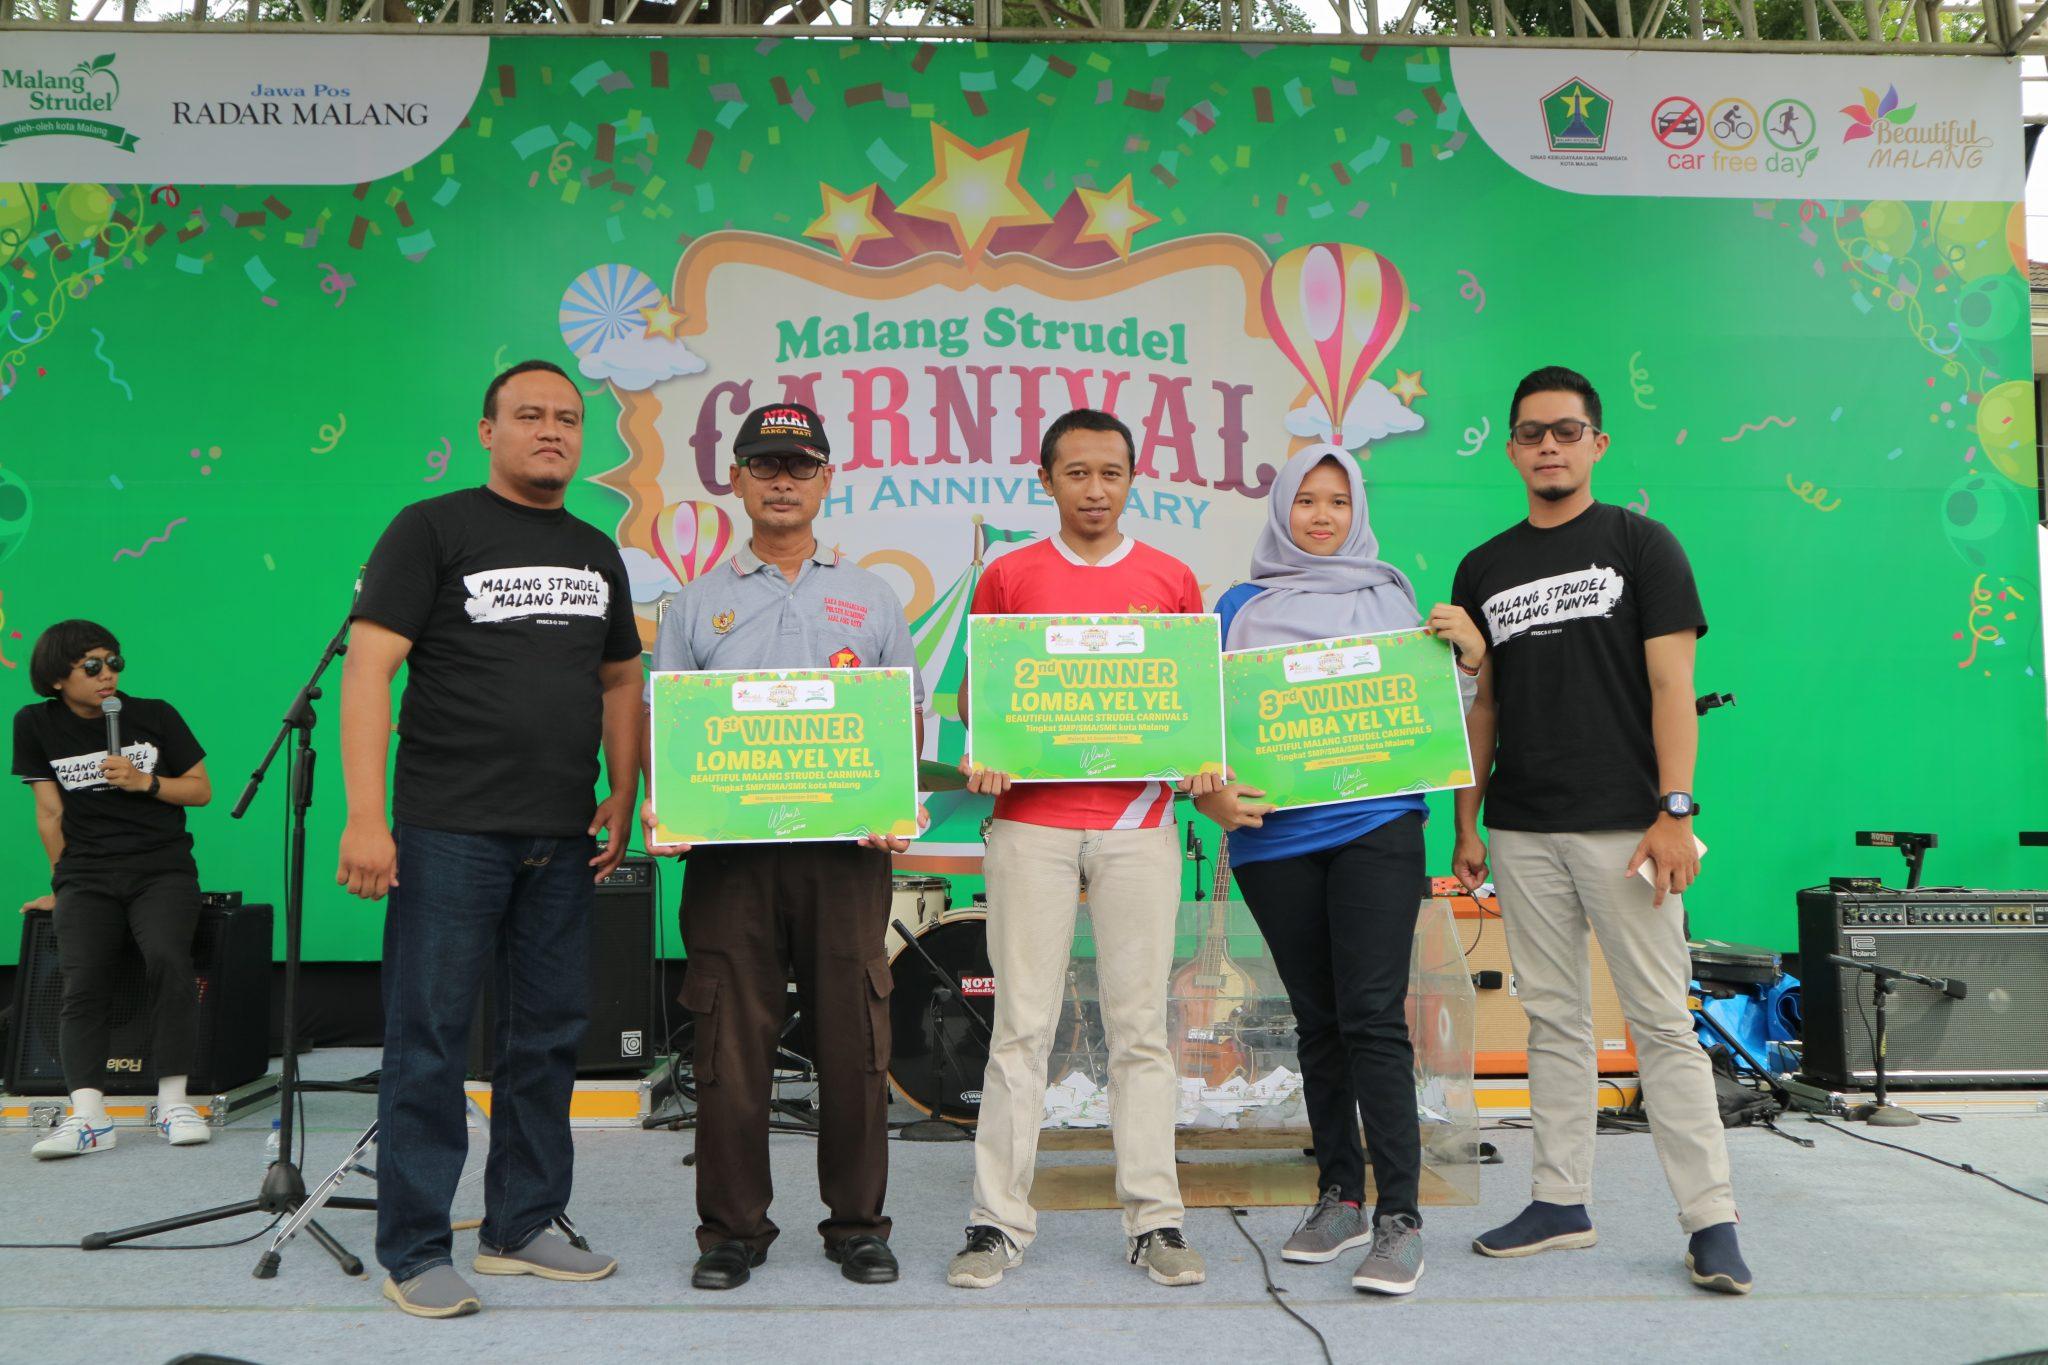 Libatkan Ratusan Siswa-Siswi Malang Raya, Lomba Yel-Yel Beautiful Malang Strudel Carnival Berlangsung Seru!